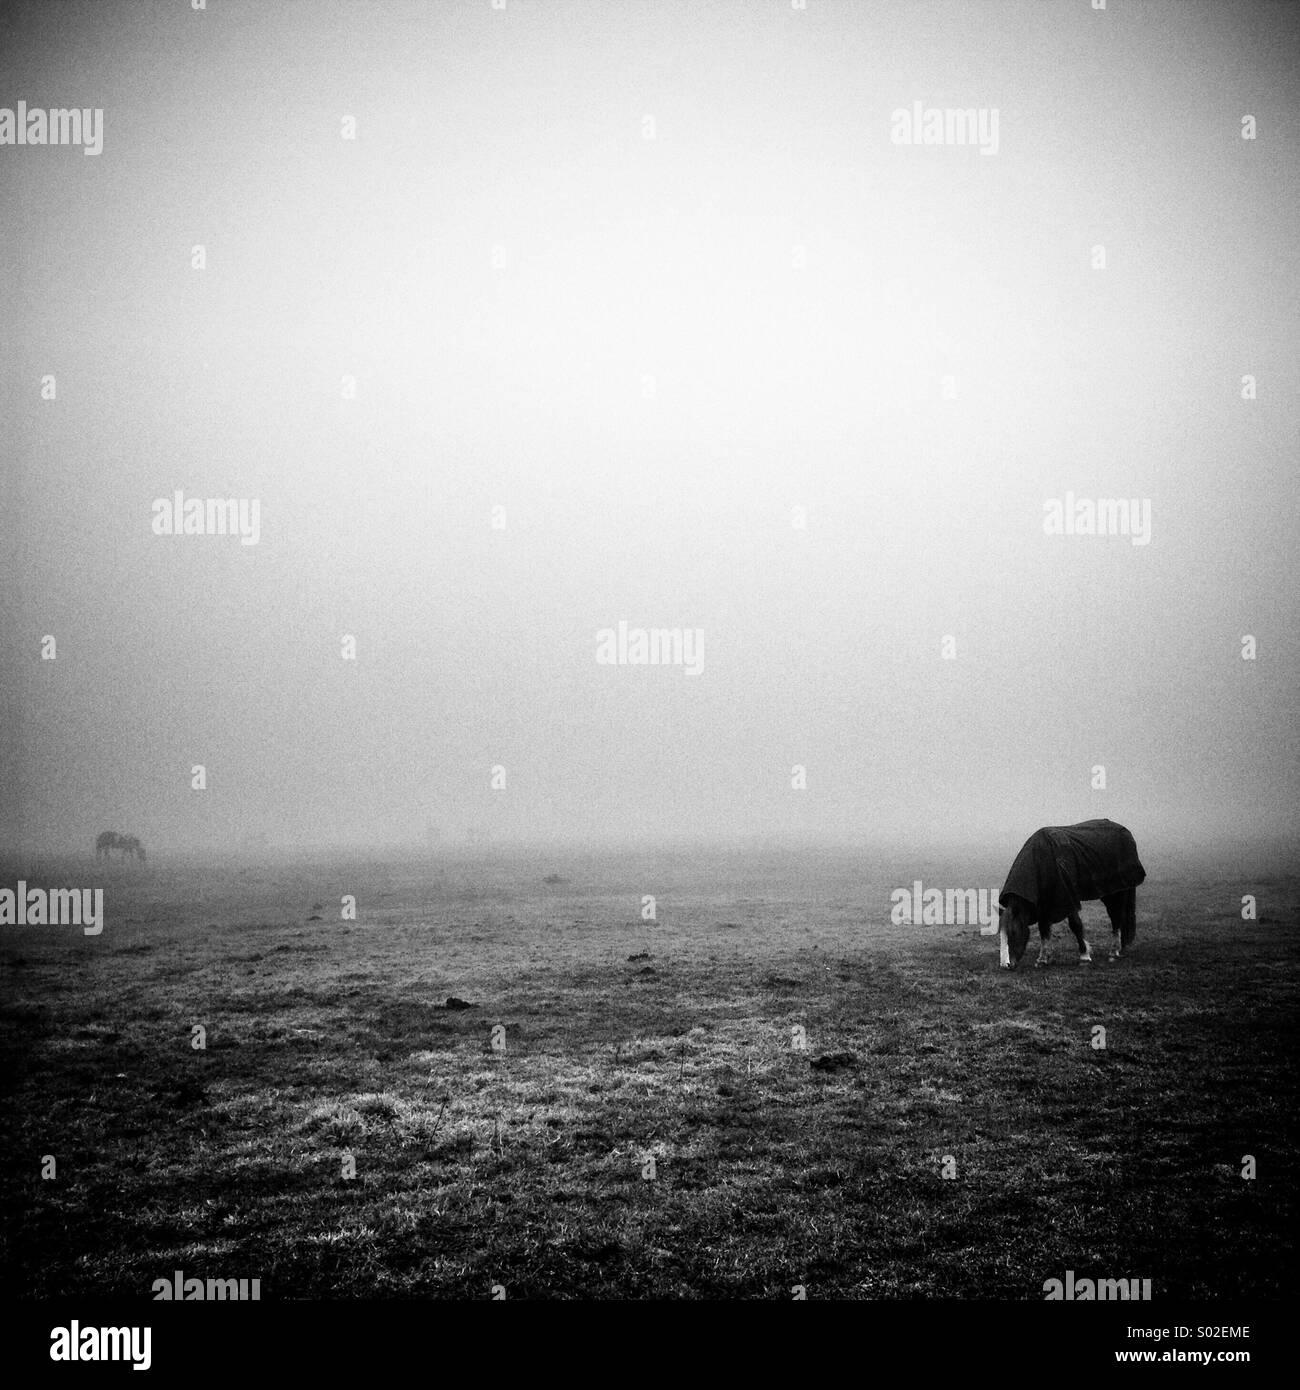 2 cavalli al pascolo vuota di un paesaggio piatto con altri appena visibile in distanza attraverso la nebbia Immagini Stock